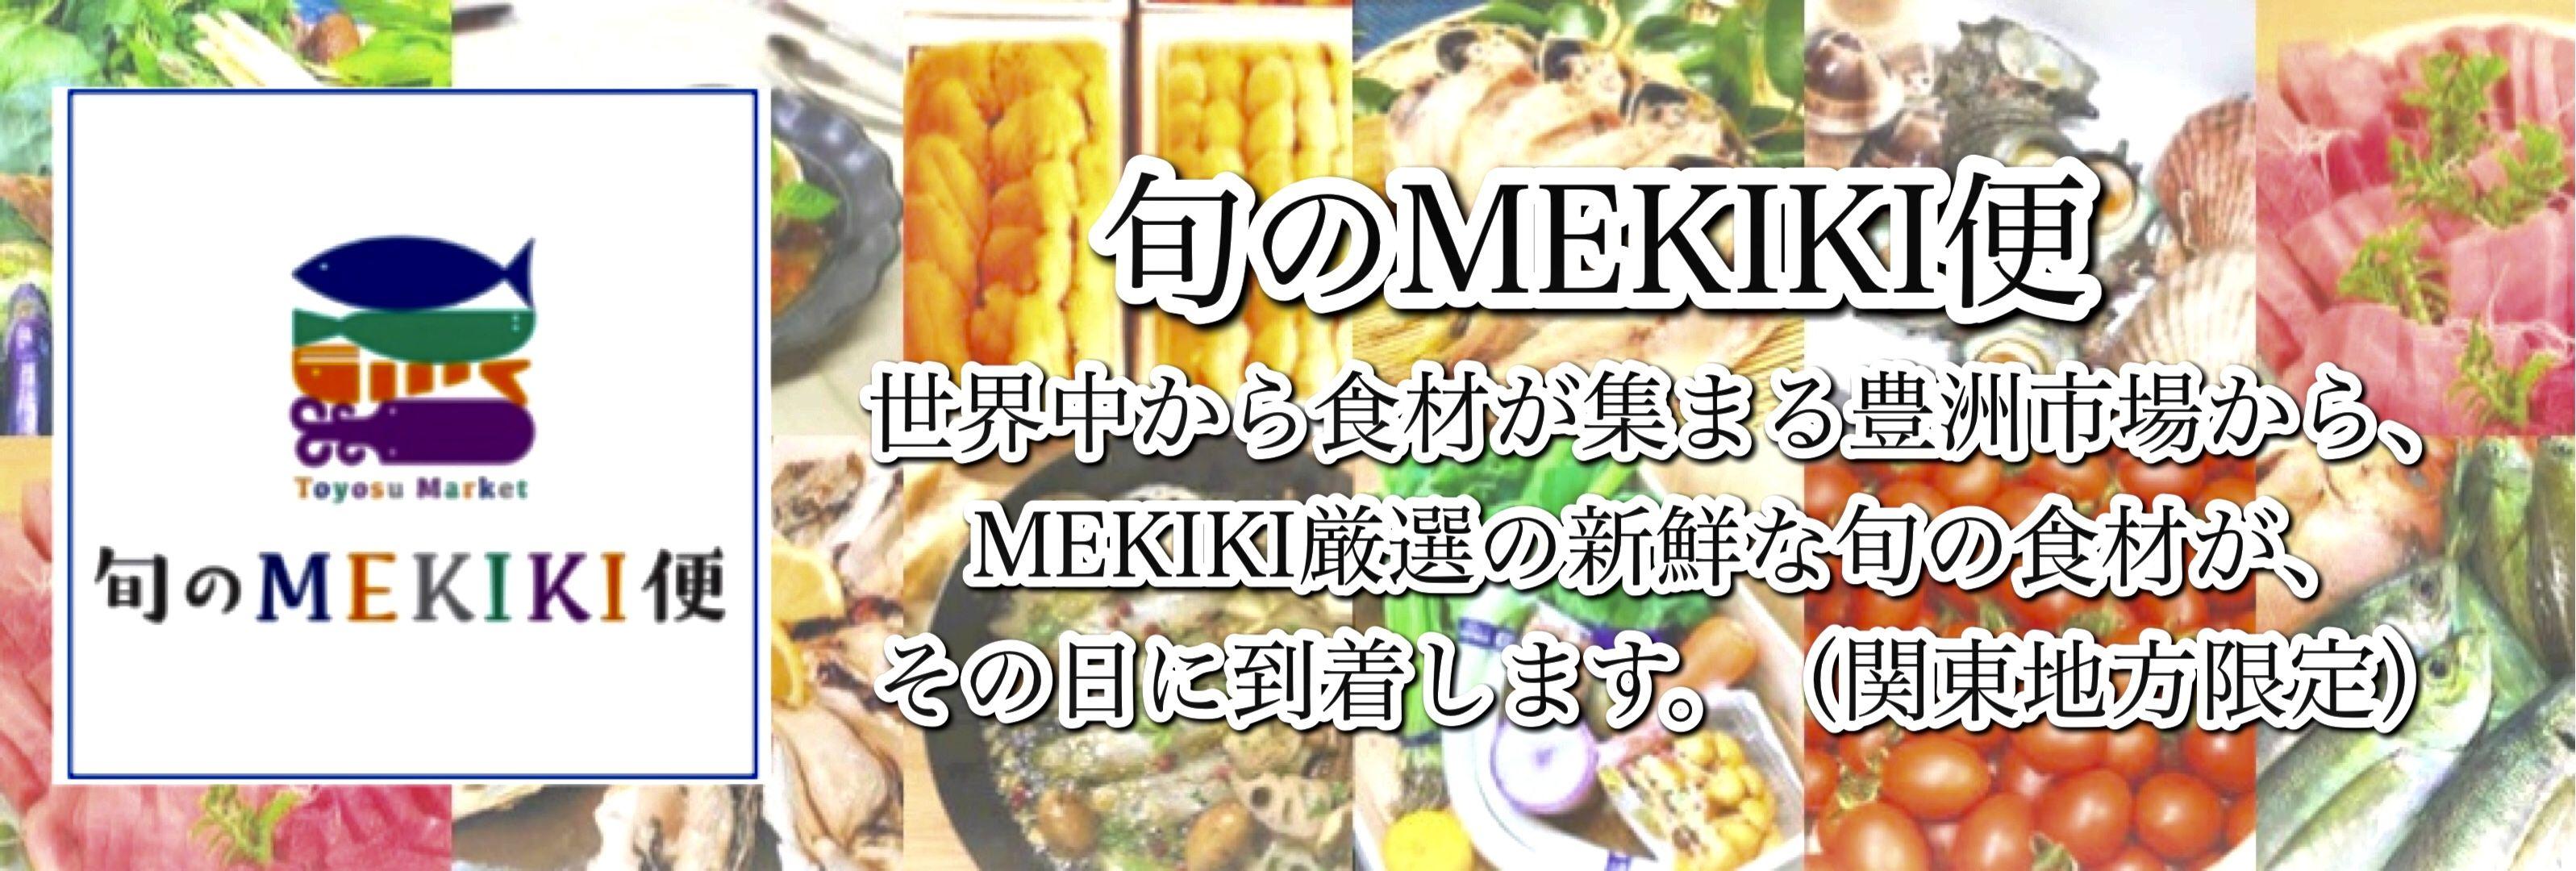 豊洲MEKIKI.JP